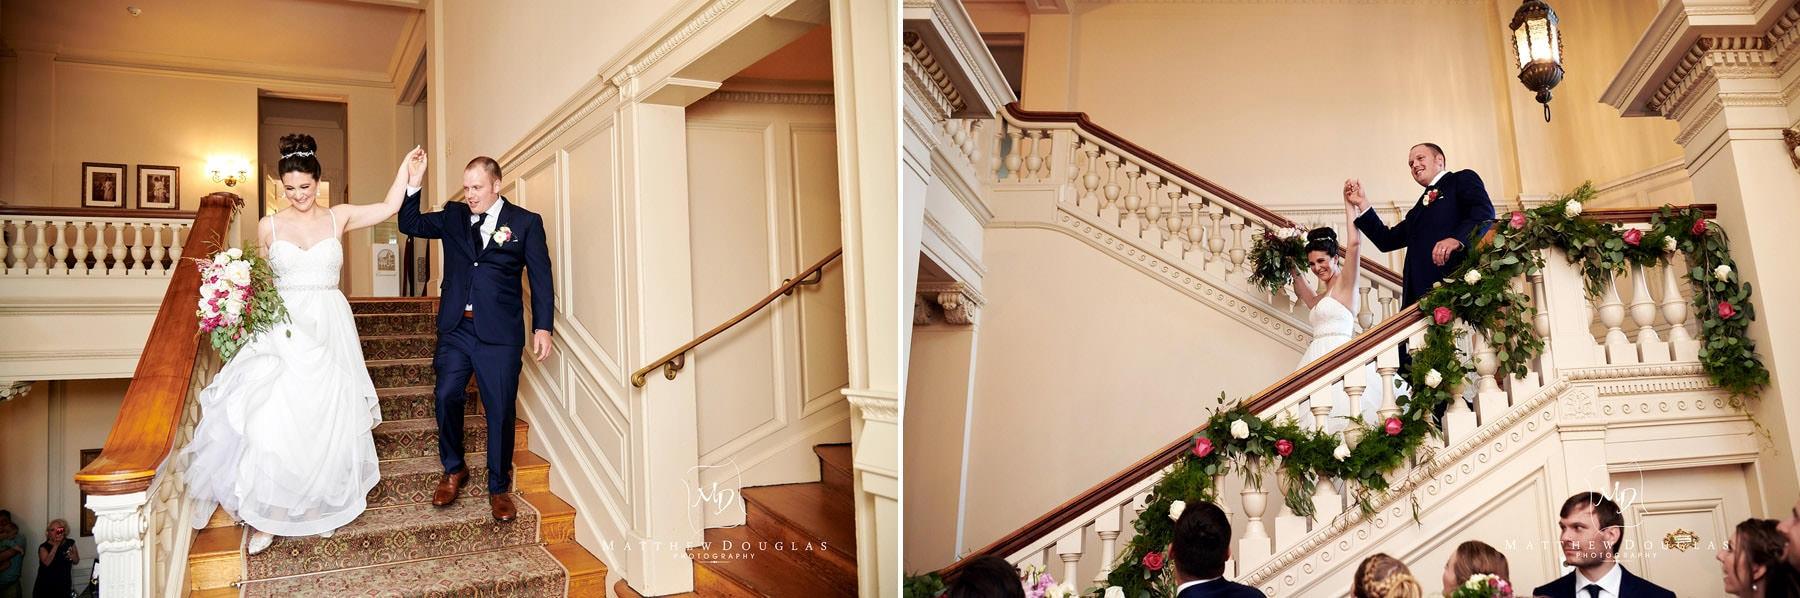 cairnwood estate wedding grand entrance